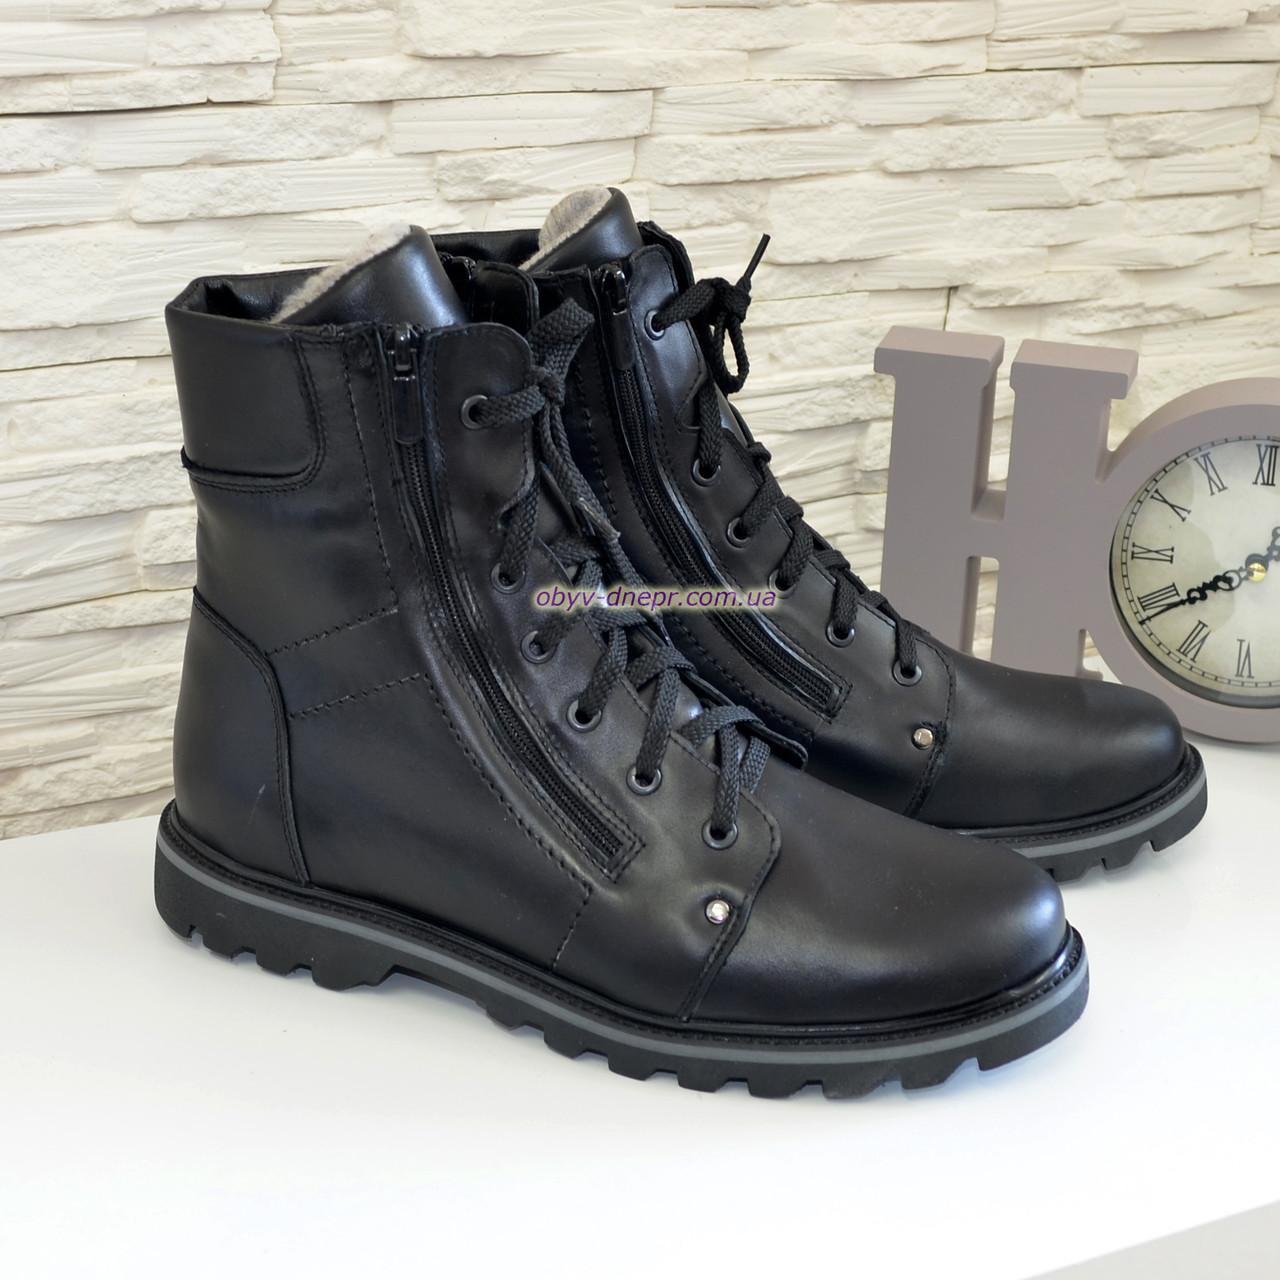 Ботинки мужские кожаные на шнуровке и молнии, зима/осень